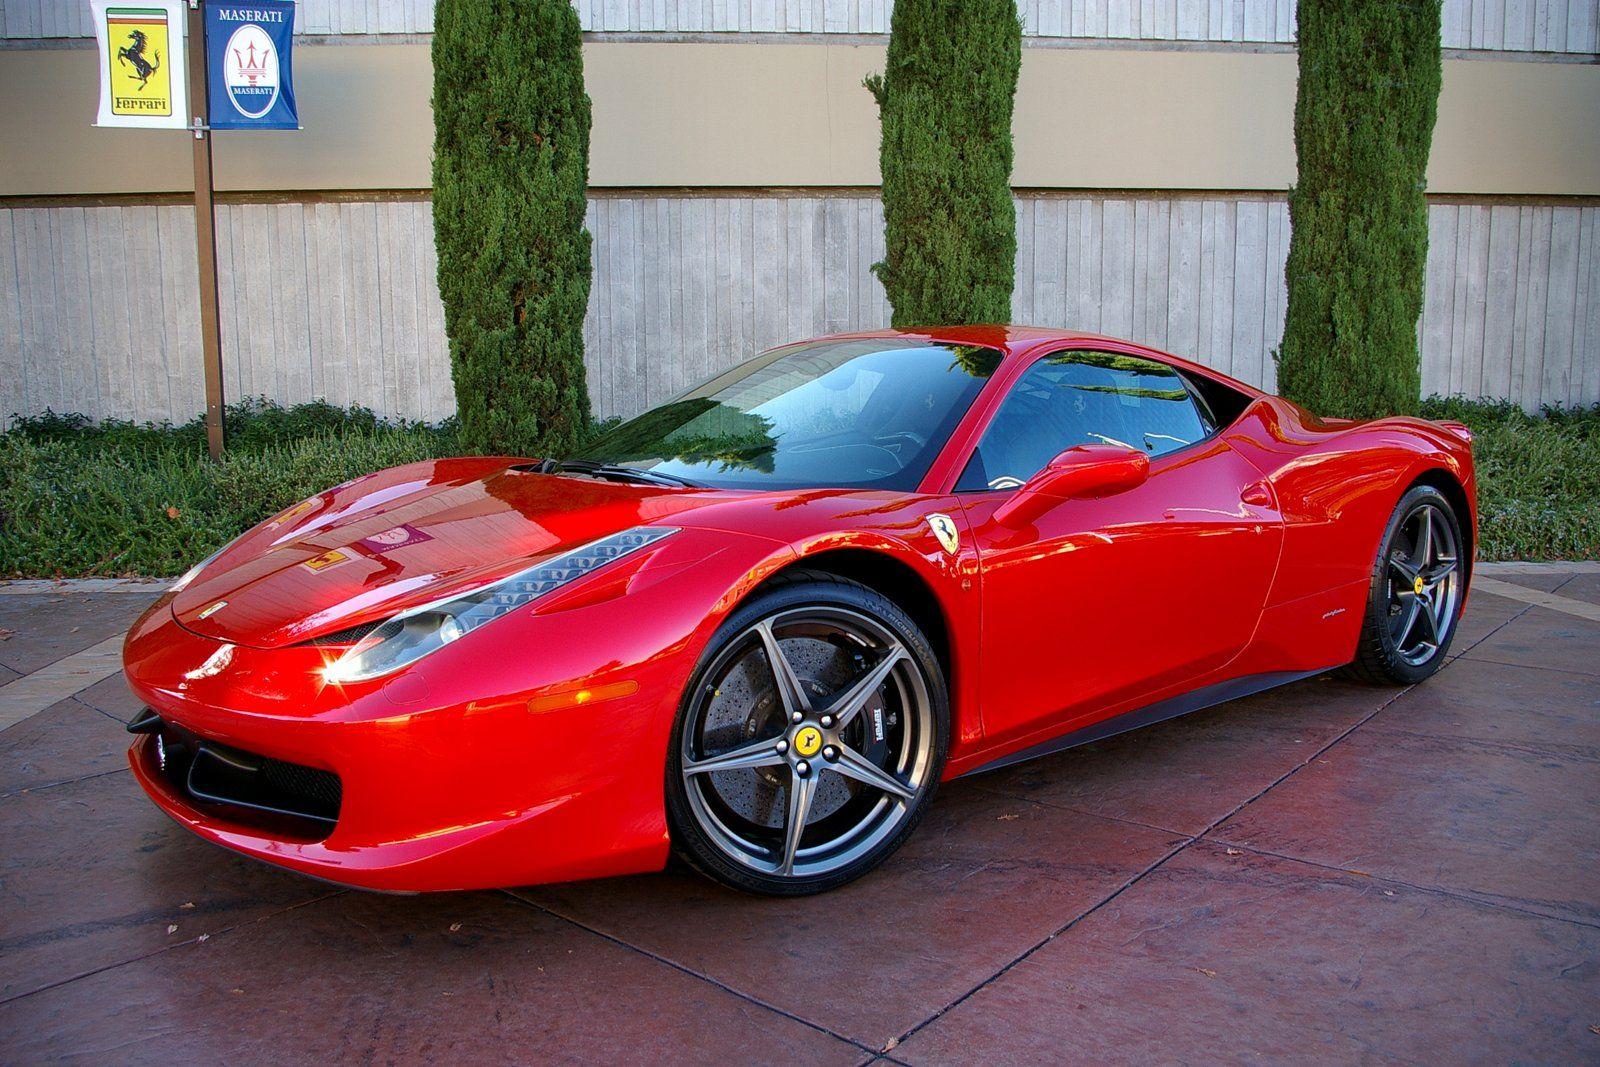 Ferrari 458 Italia Coupe Red Car Side View Wallpapers Mobil Mewah Mobil Kemewahan